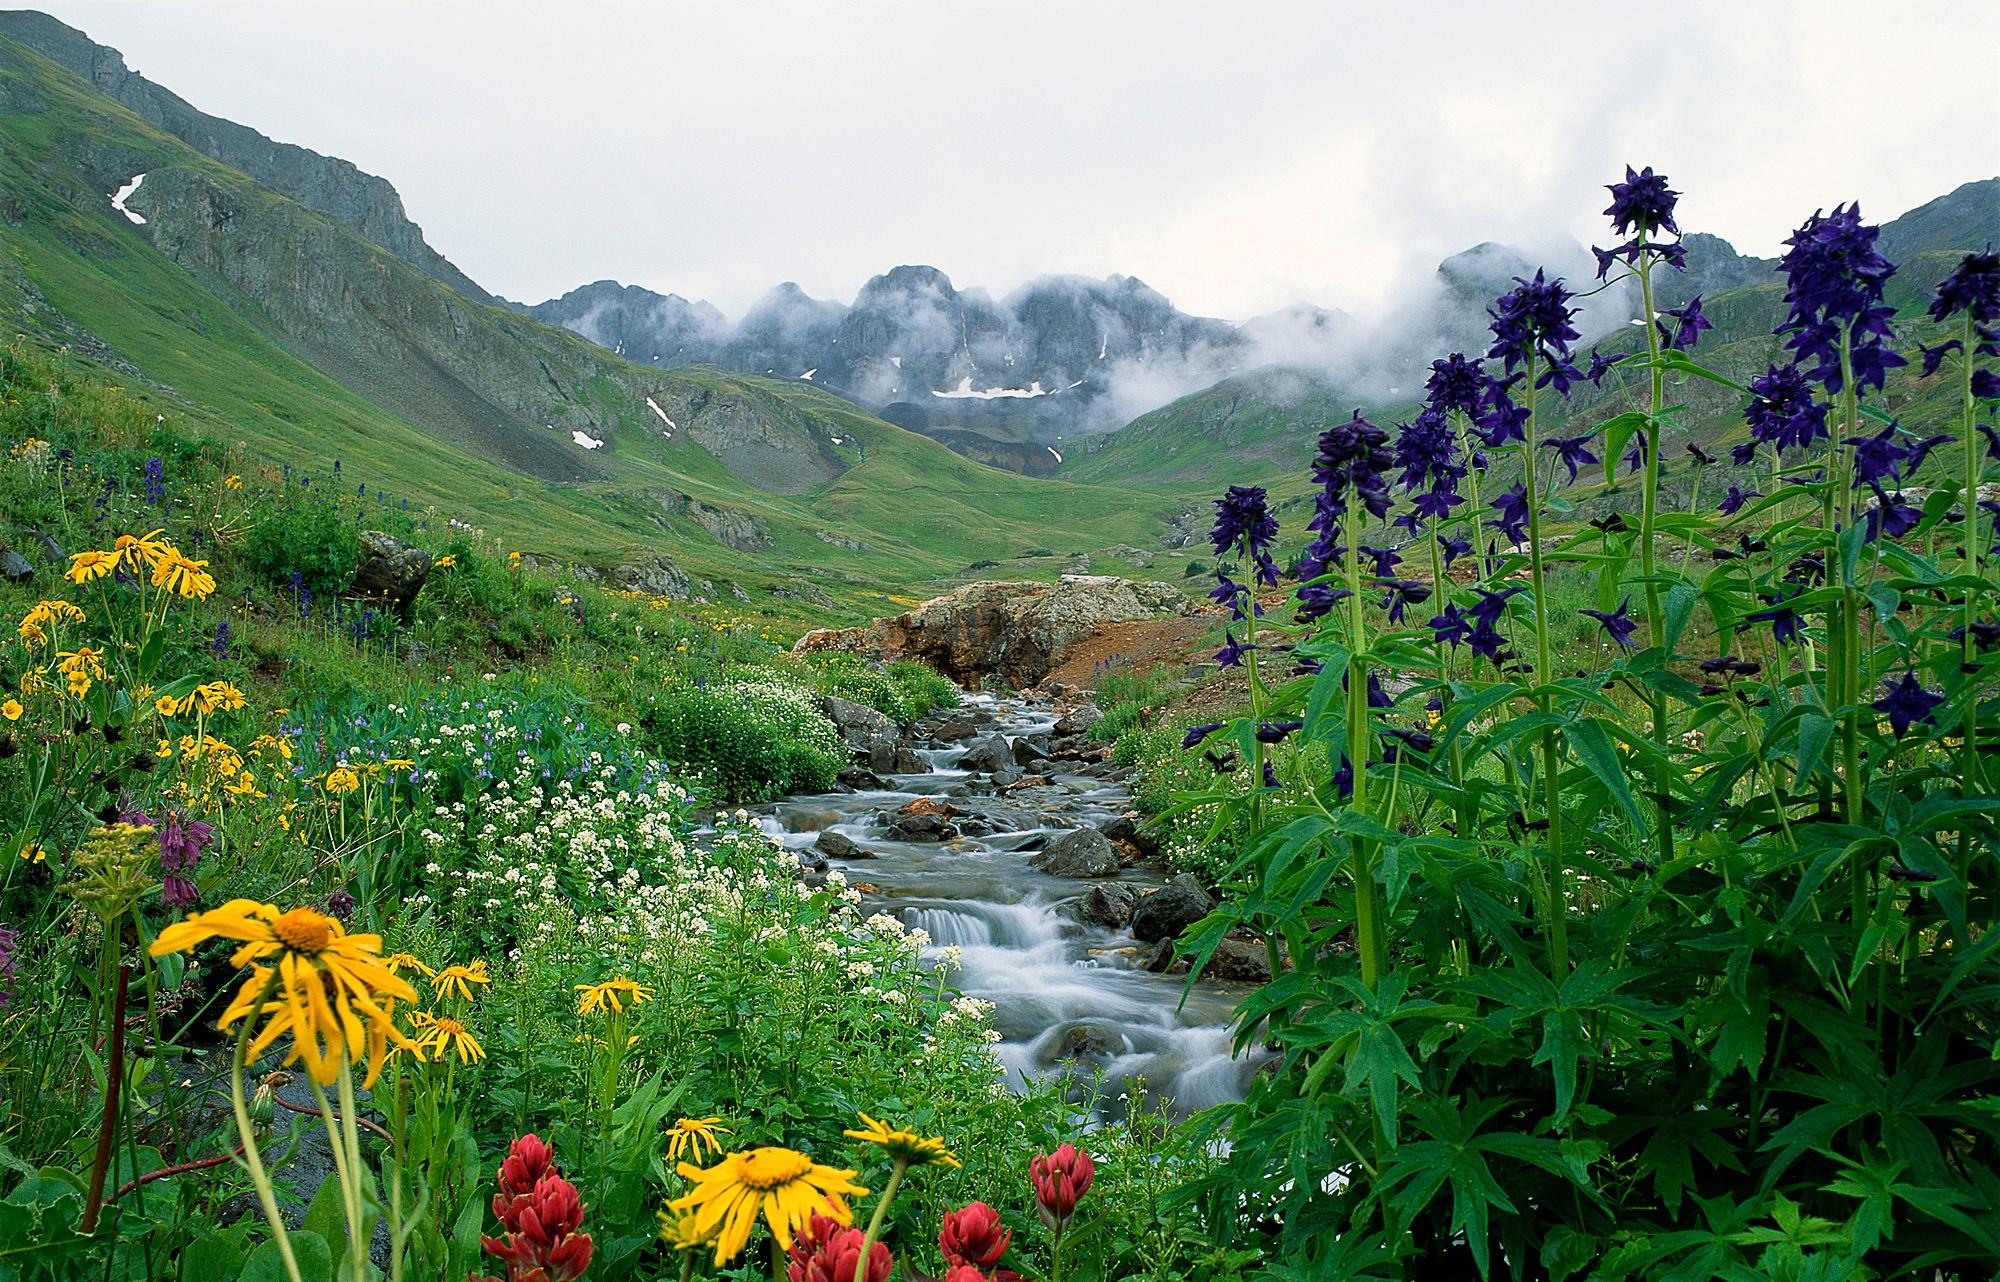 MISTY-BASIN-telluride-wildflowers-creek